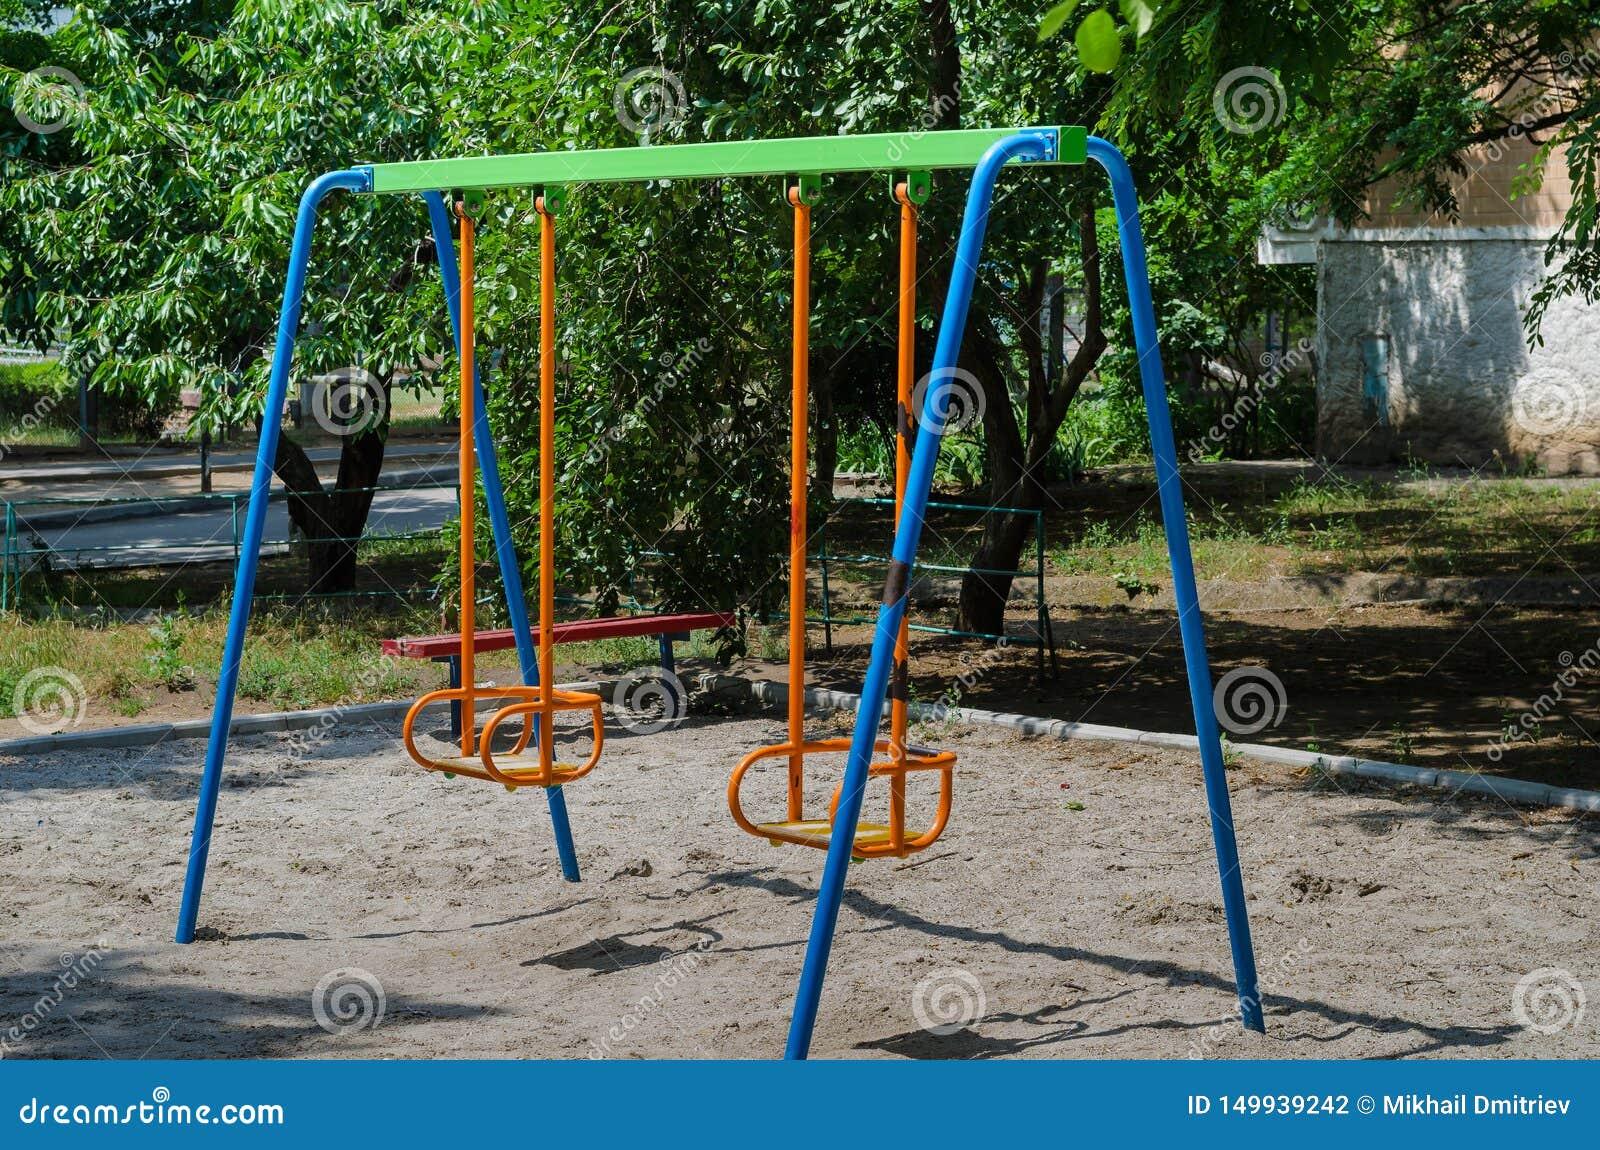 Speelplaats waarop de kinderen een heldere tuimelschakelaar zullen vinden Vele heldere kleuren maken haar blij en aantrekkelijk,